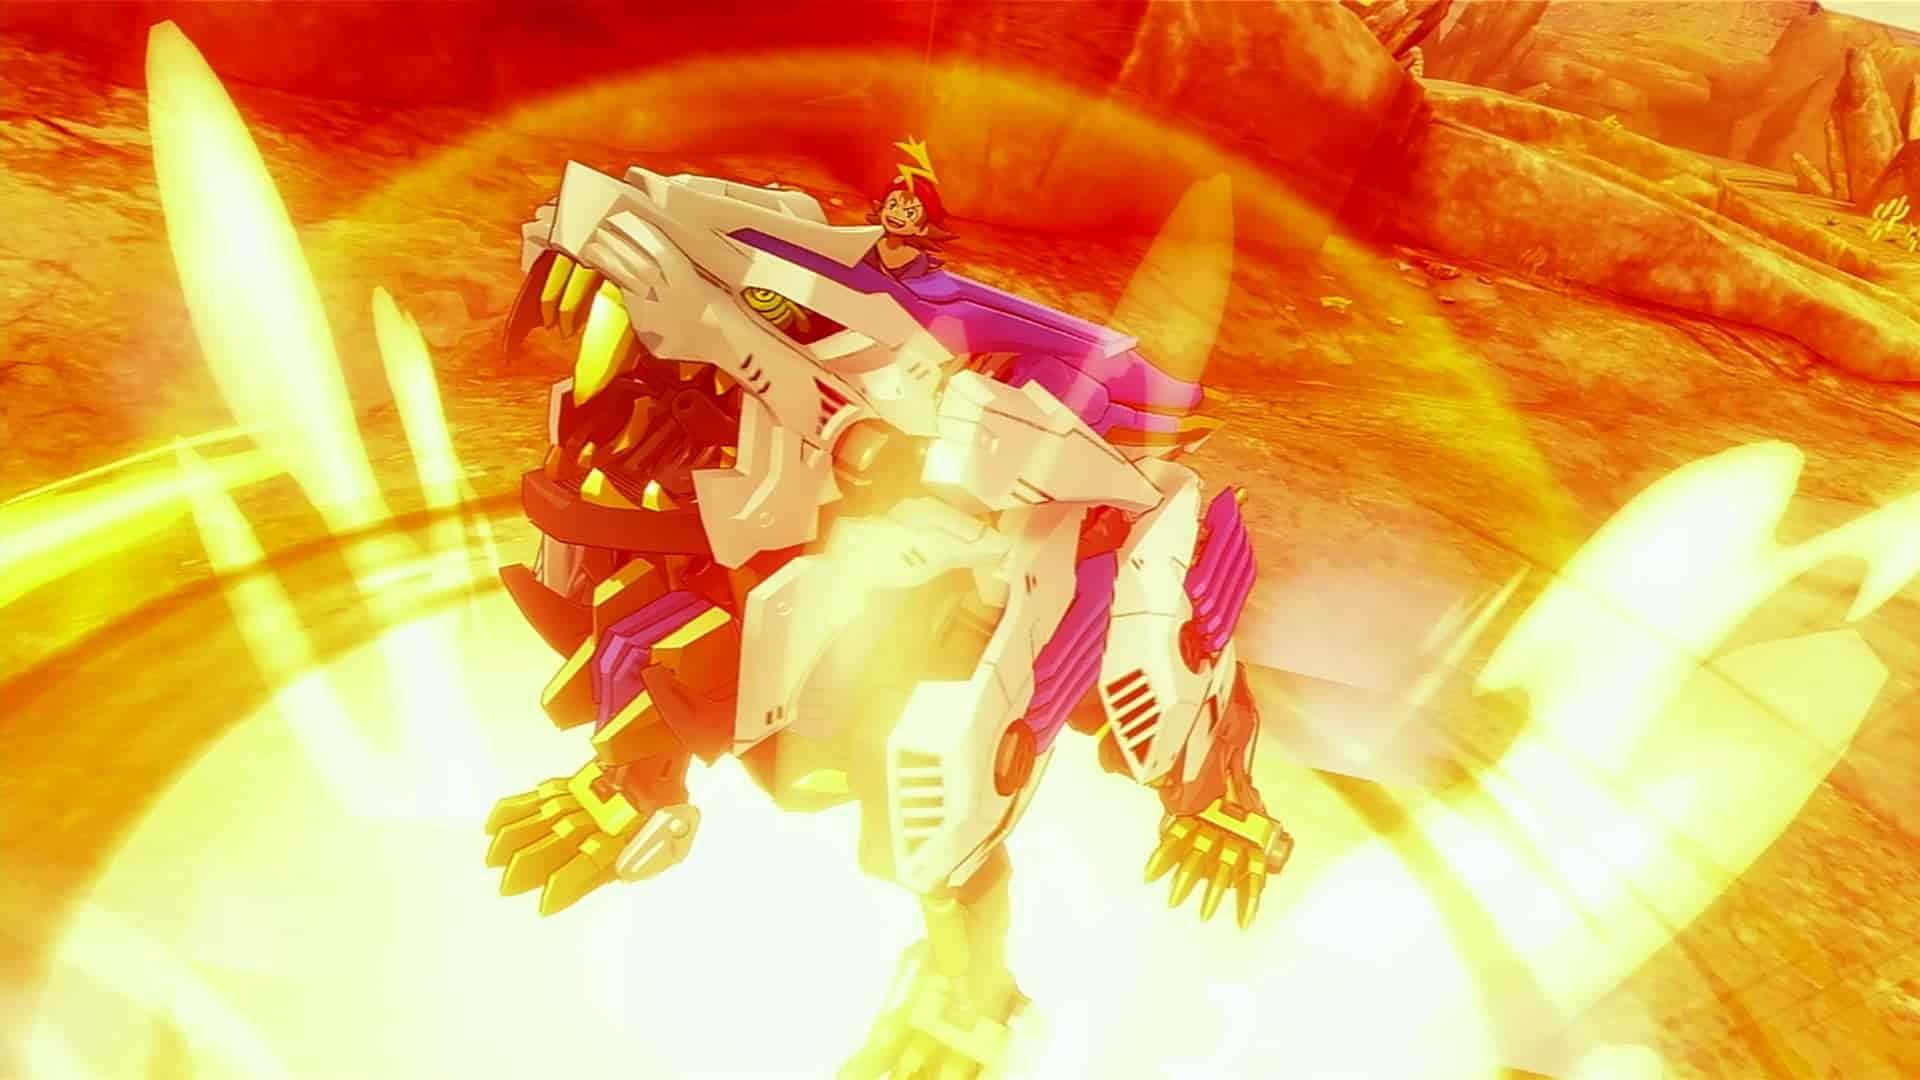 Zoids Wild: Blast Unleashed arriva in esclusiva Switch - IlVideogioco.com